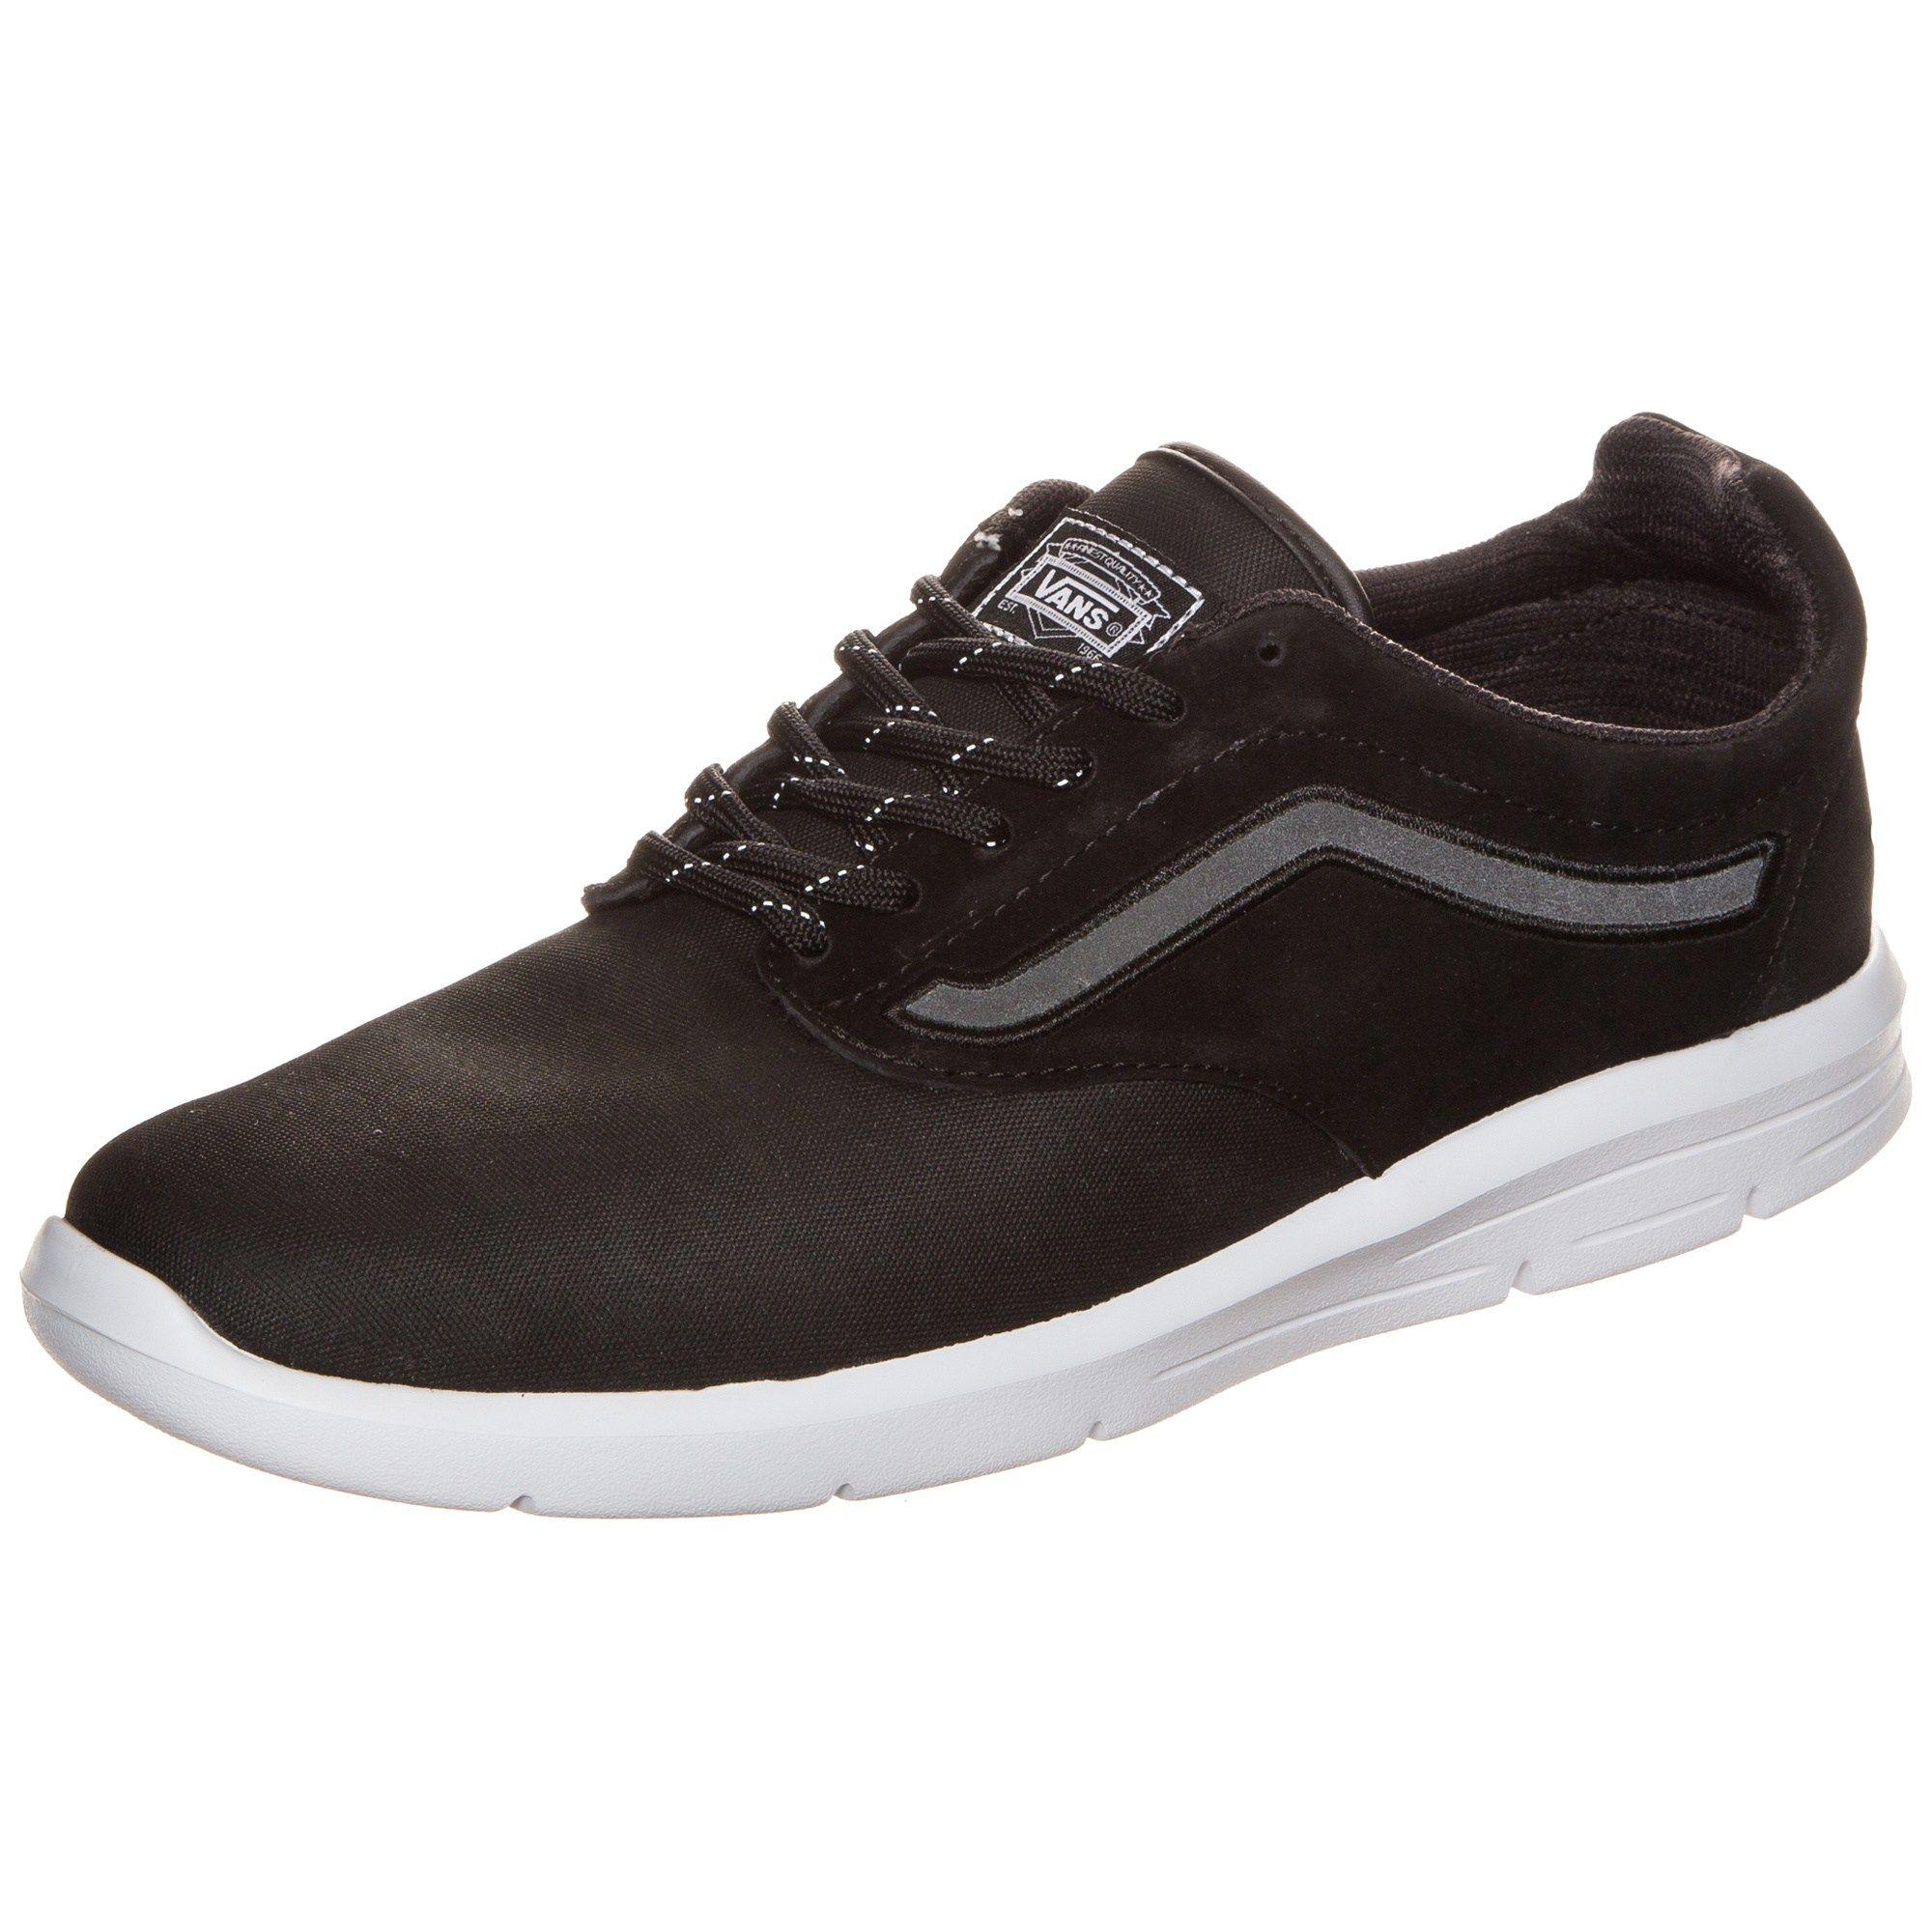 AboutYou SALE |Vans Herren Iso 1.5 Transit Line Sneaker Herren ...